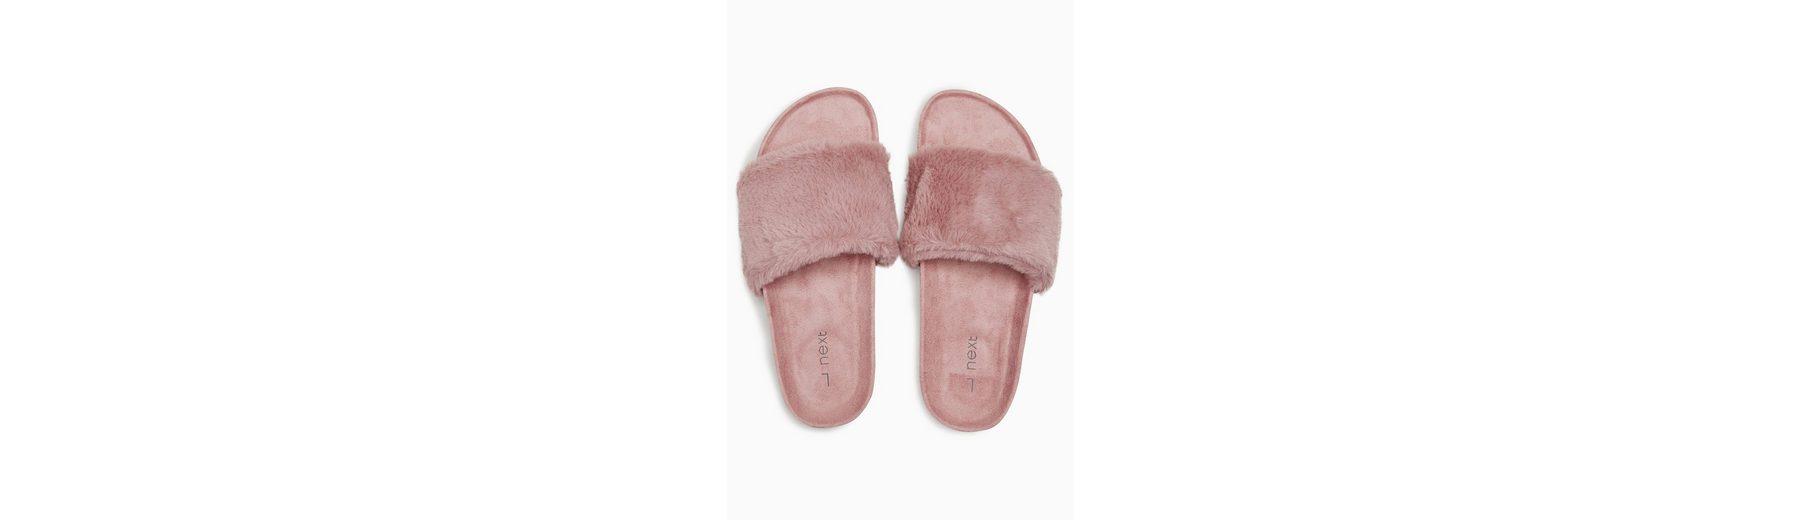 Billig Verkauf Manchester Großer Verkauf Billig Verkauf 2018 Neue Next Sandale in Felloptik Verkauf Wählen Eine Beste Billig Verkauf Geschäft Fa9qn9L